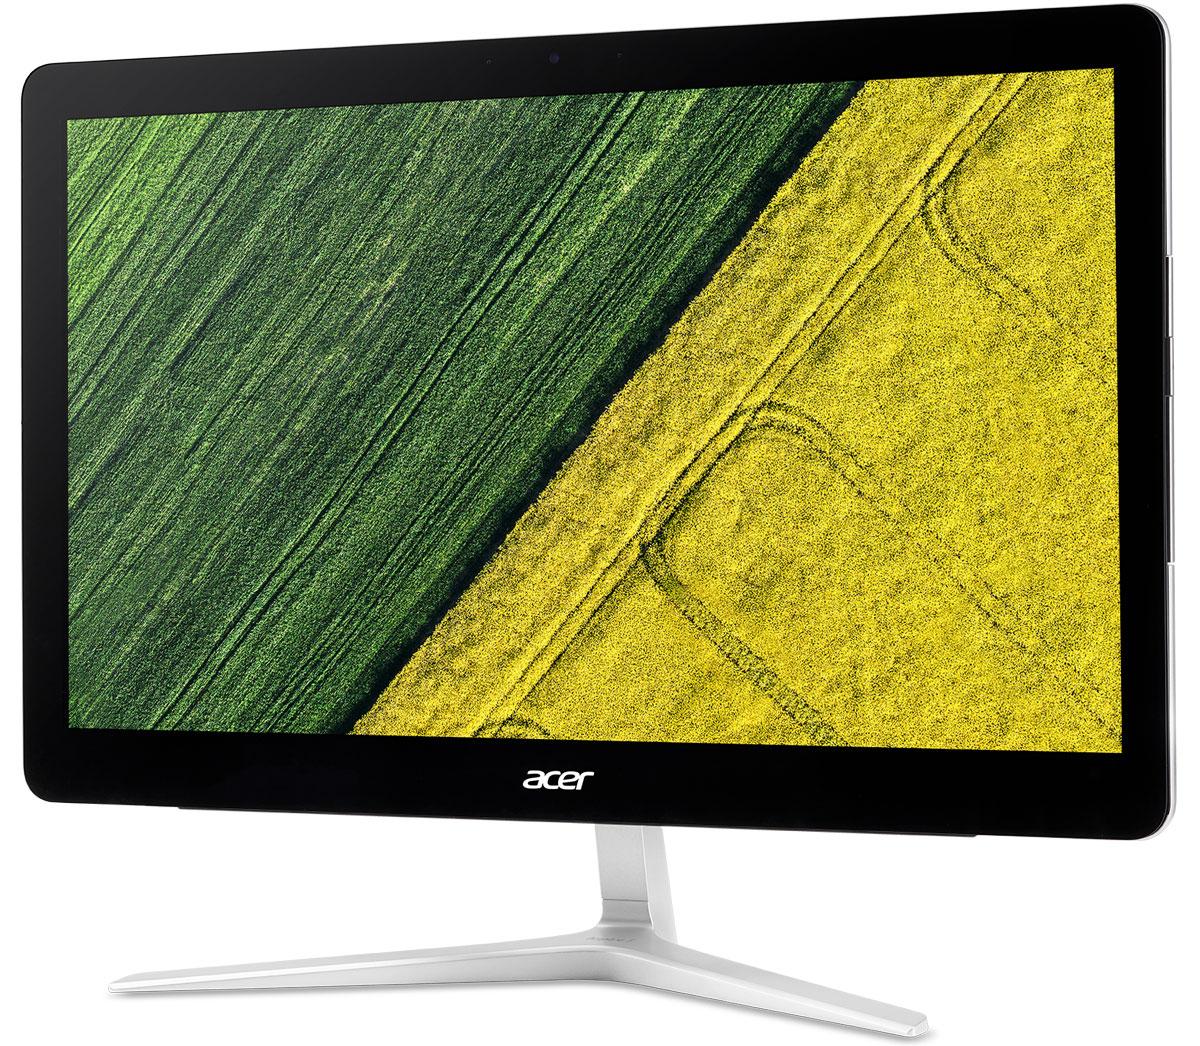 Acer Aspire Z24-880, Silver моноблок (DQ.B8VER.005) - Настольные компьютеры и моноблоки